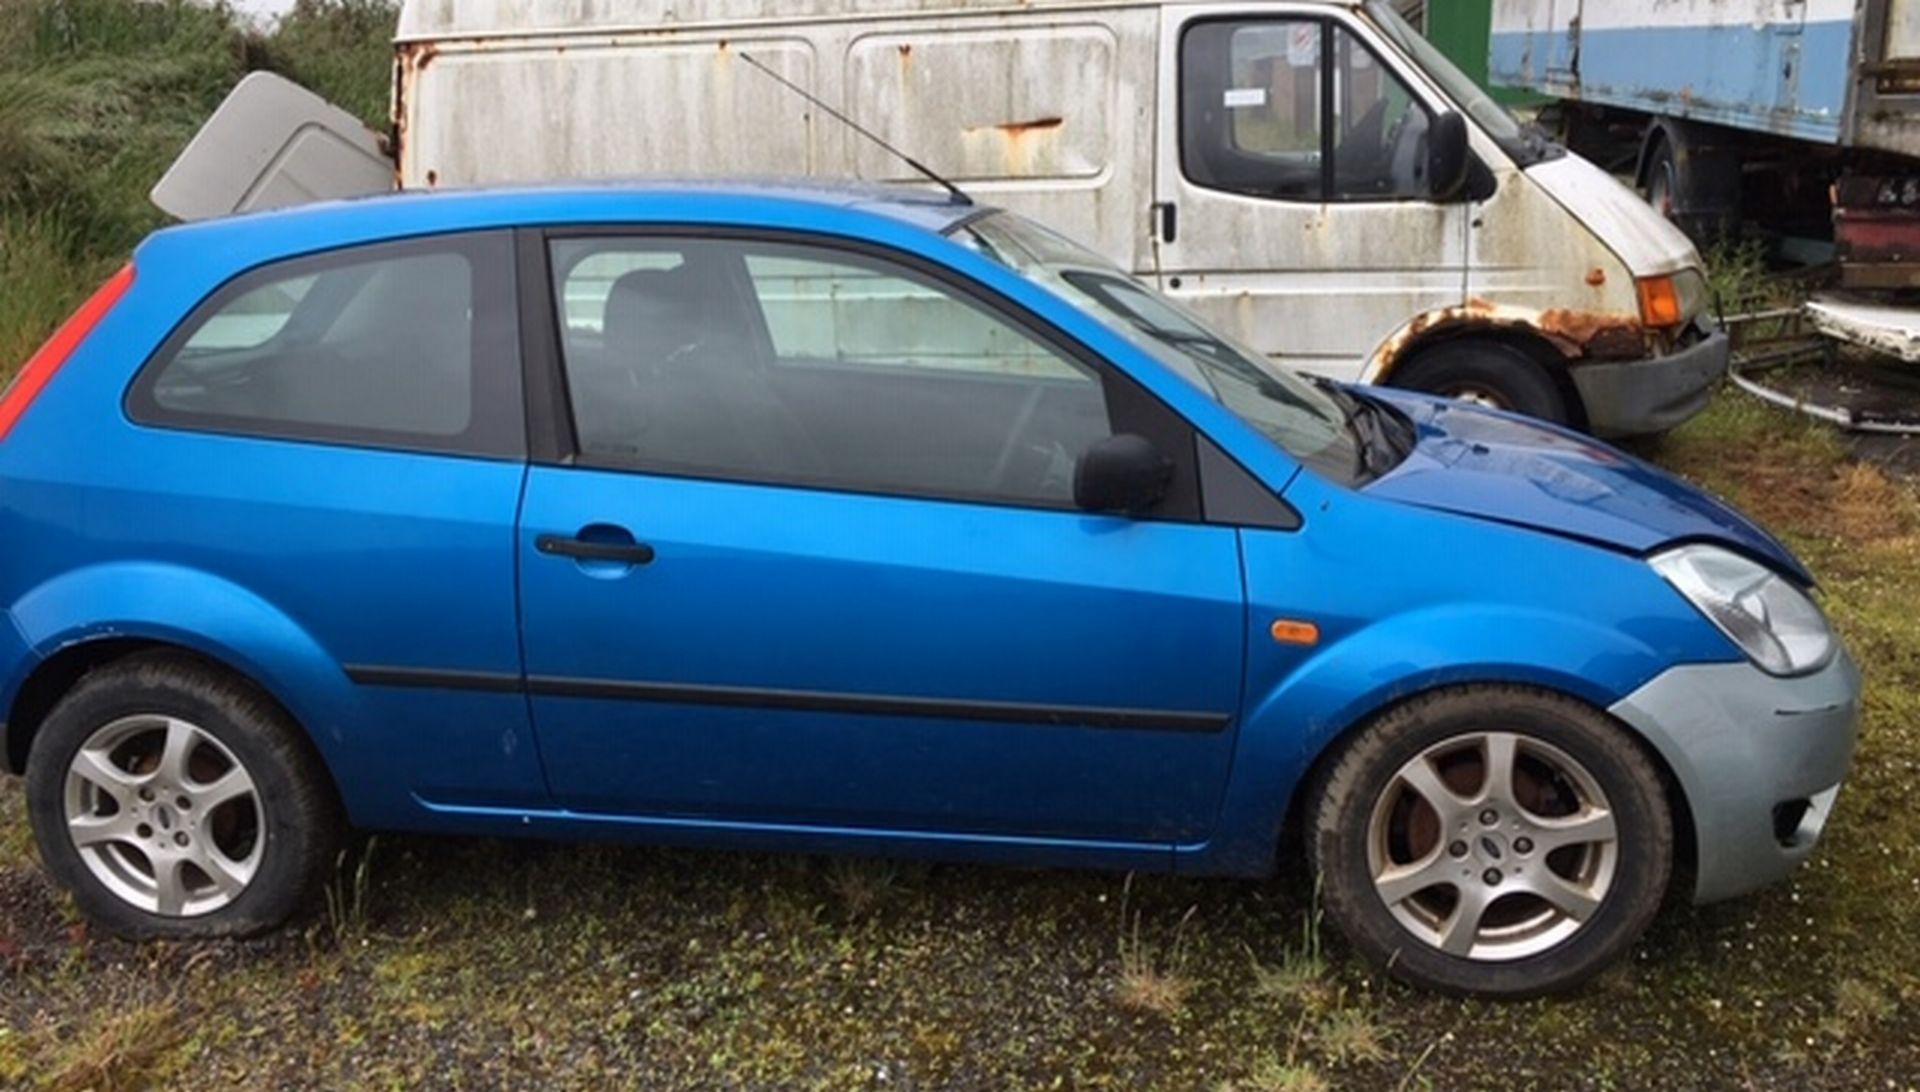 Lot 201 - Scrap Car.